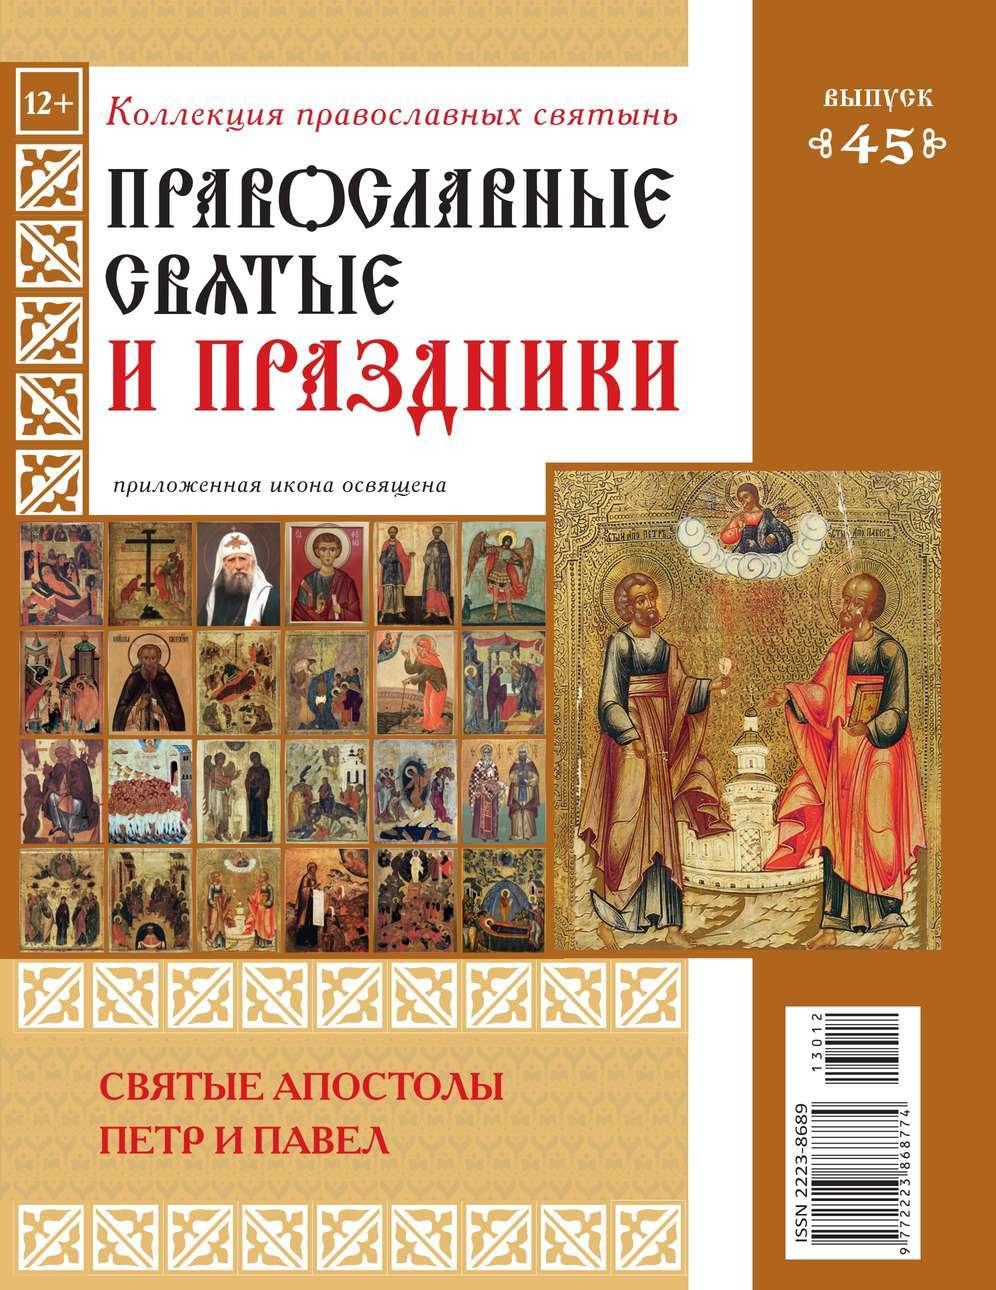 Редакция журнала Коллекция Православных Святынь Коллекция Православных Святынь 45 коллекция